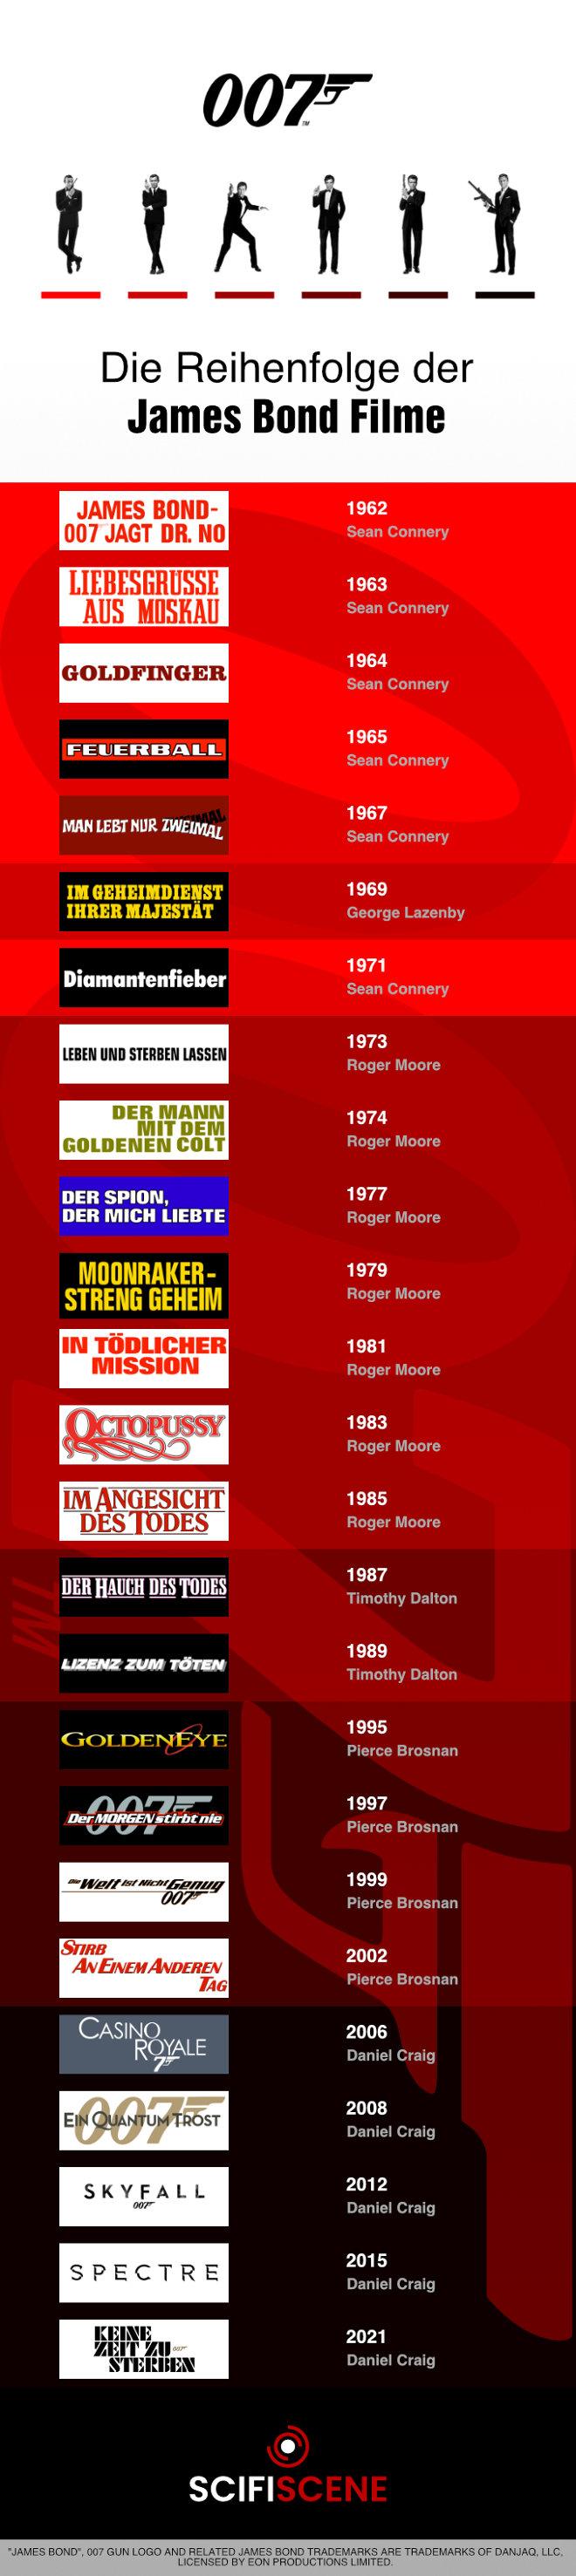 James Bond Filme Liste: Die chronologische  Reihenfolge